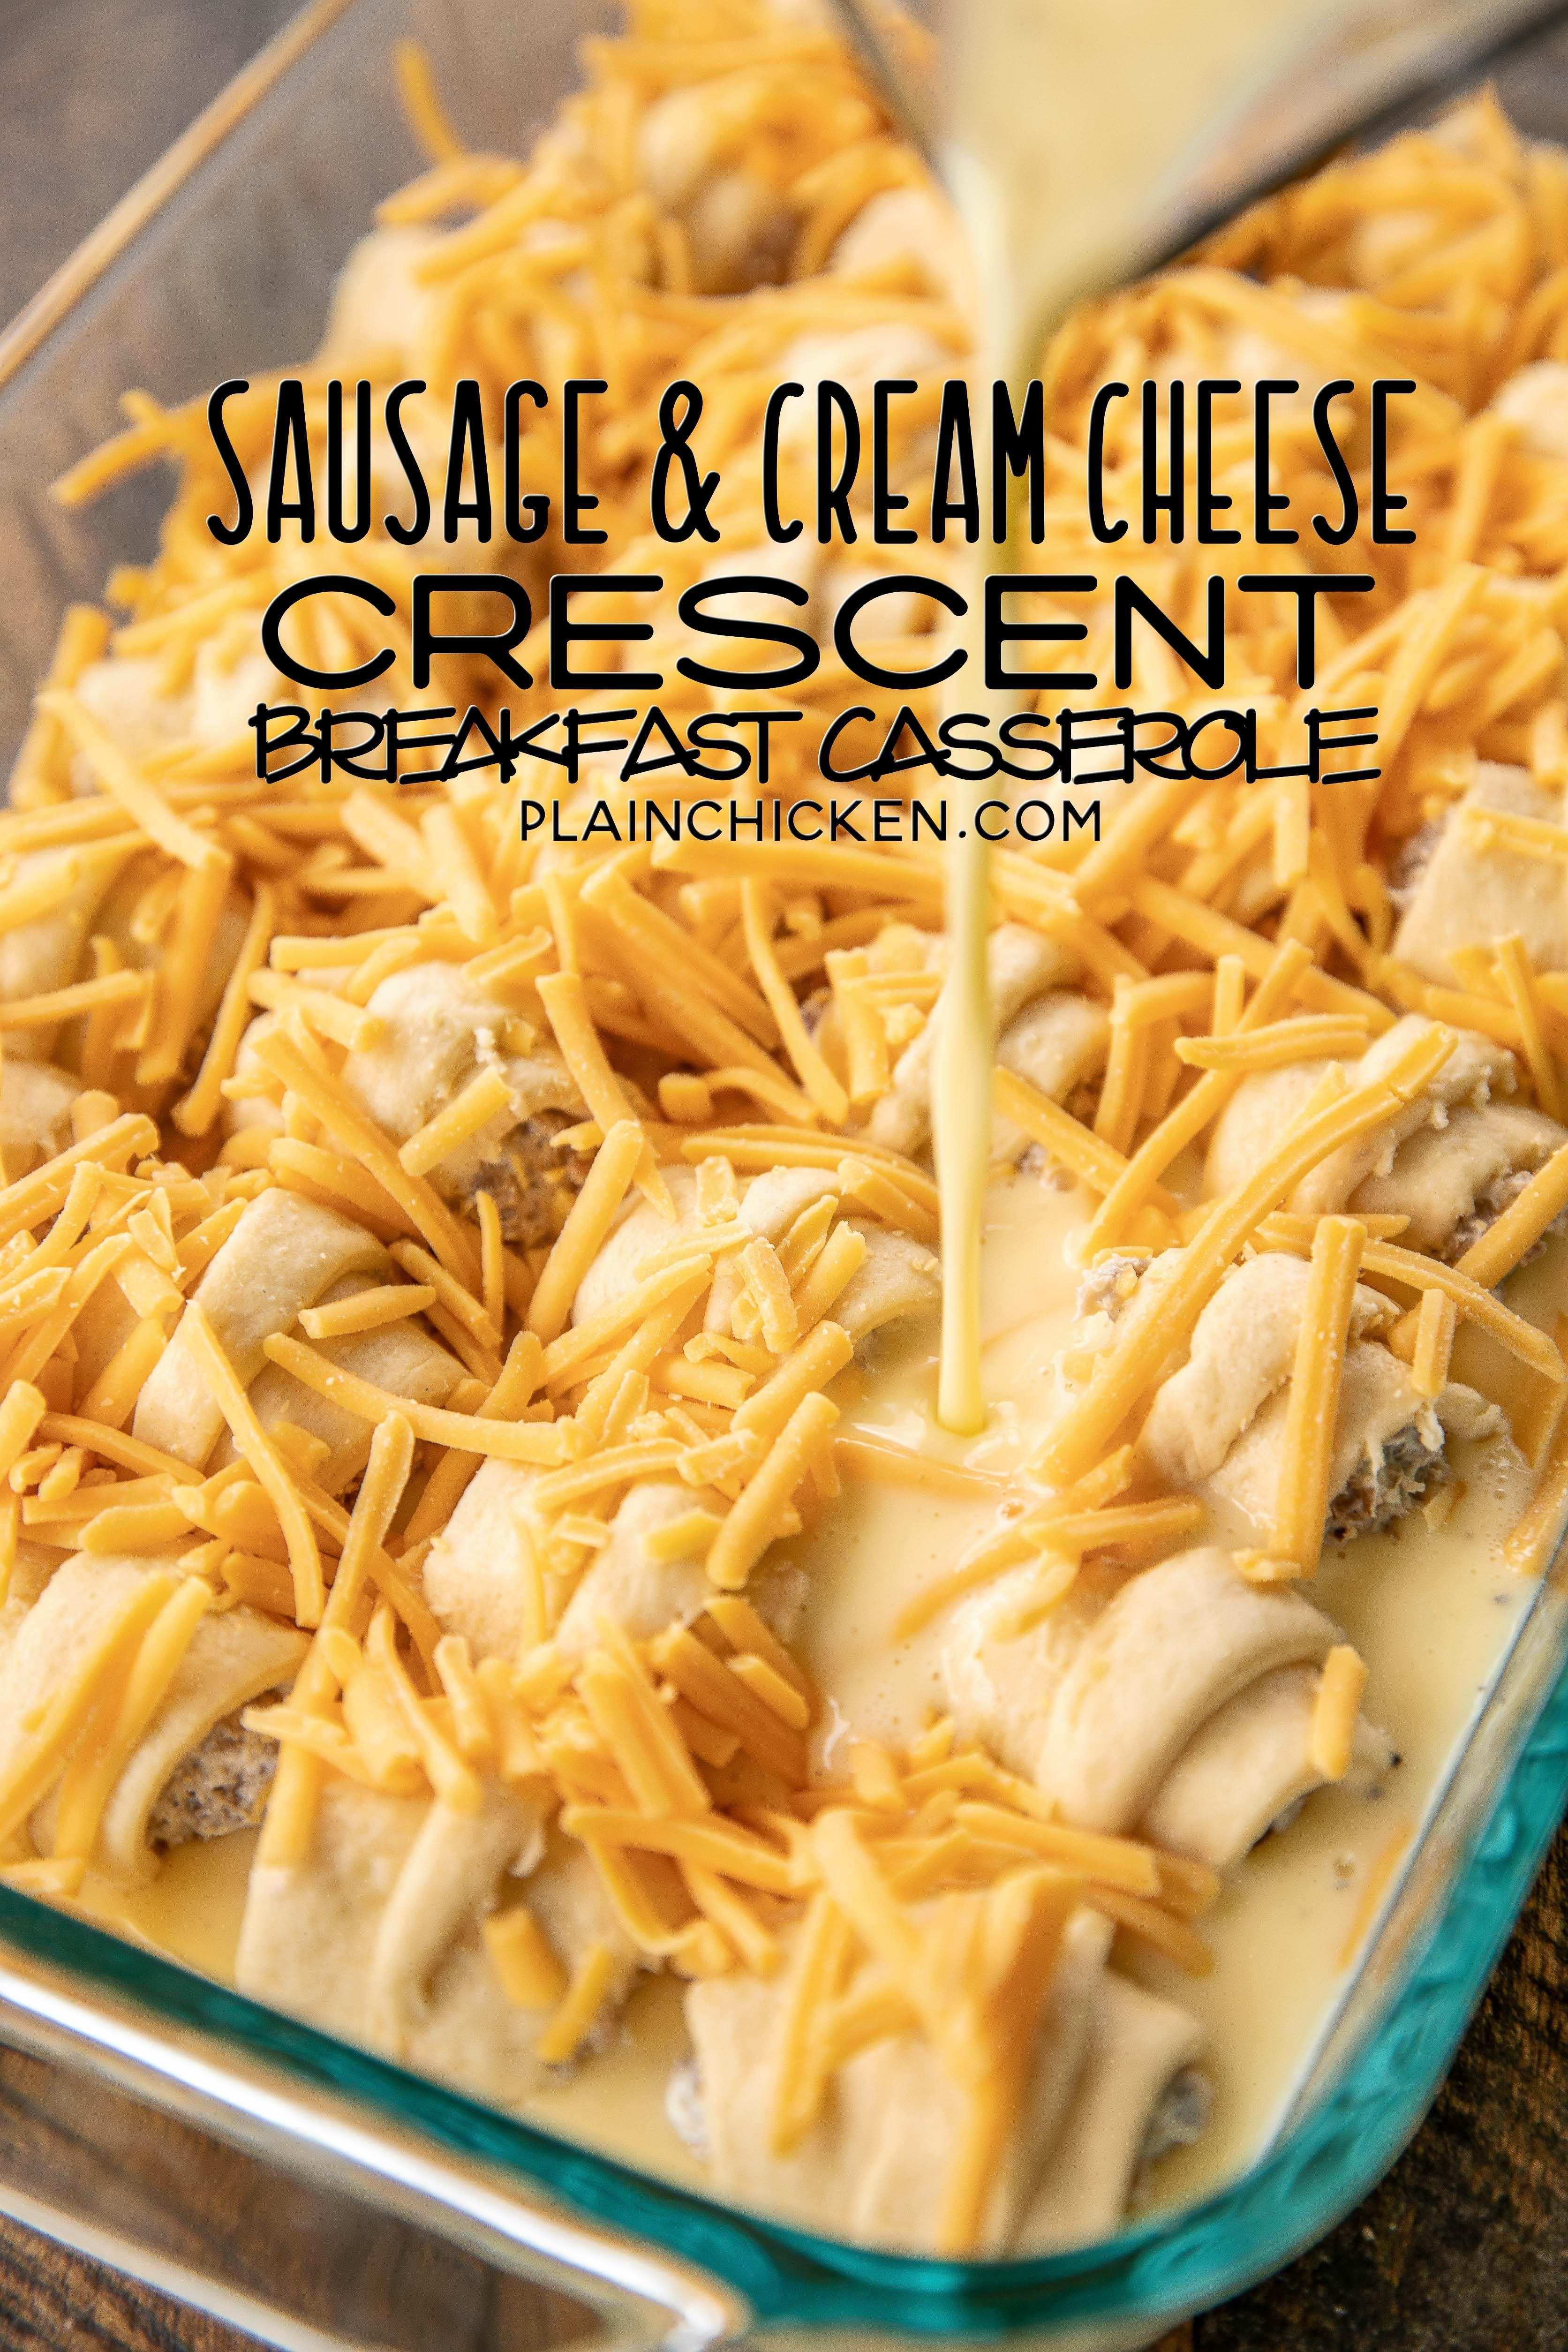 Sausage & Cream Cheese Crescent Breakfast Casserole - Plain Chicken